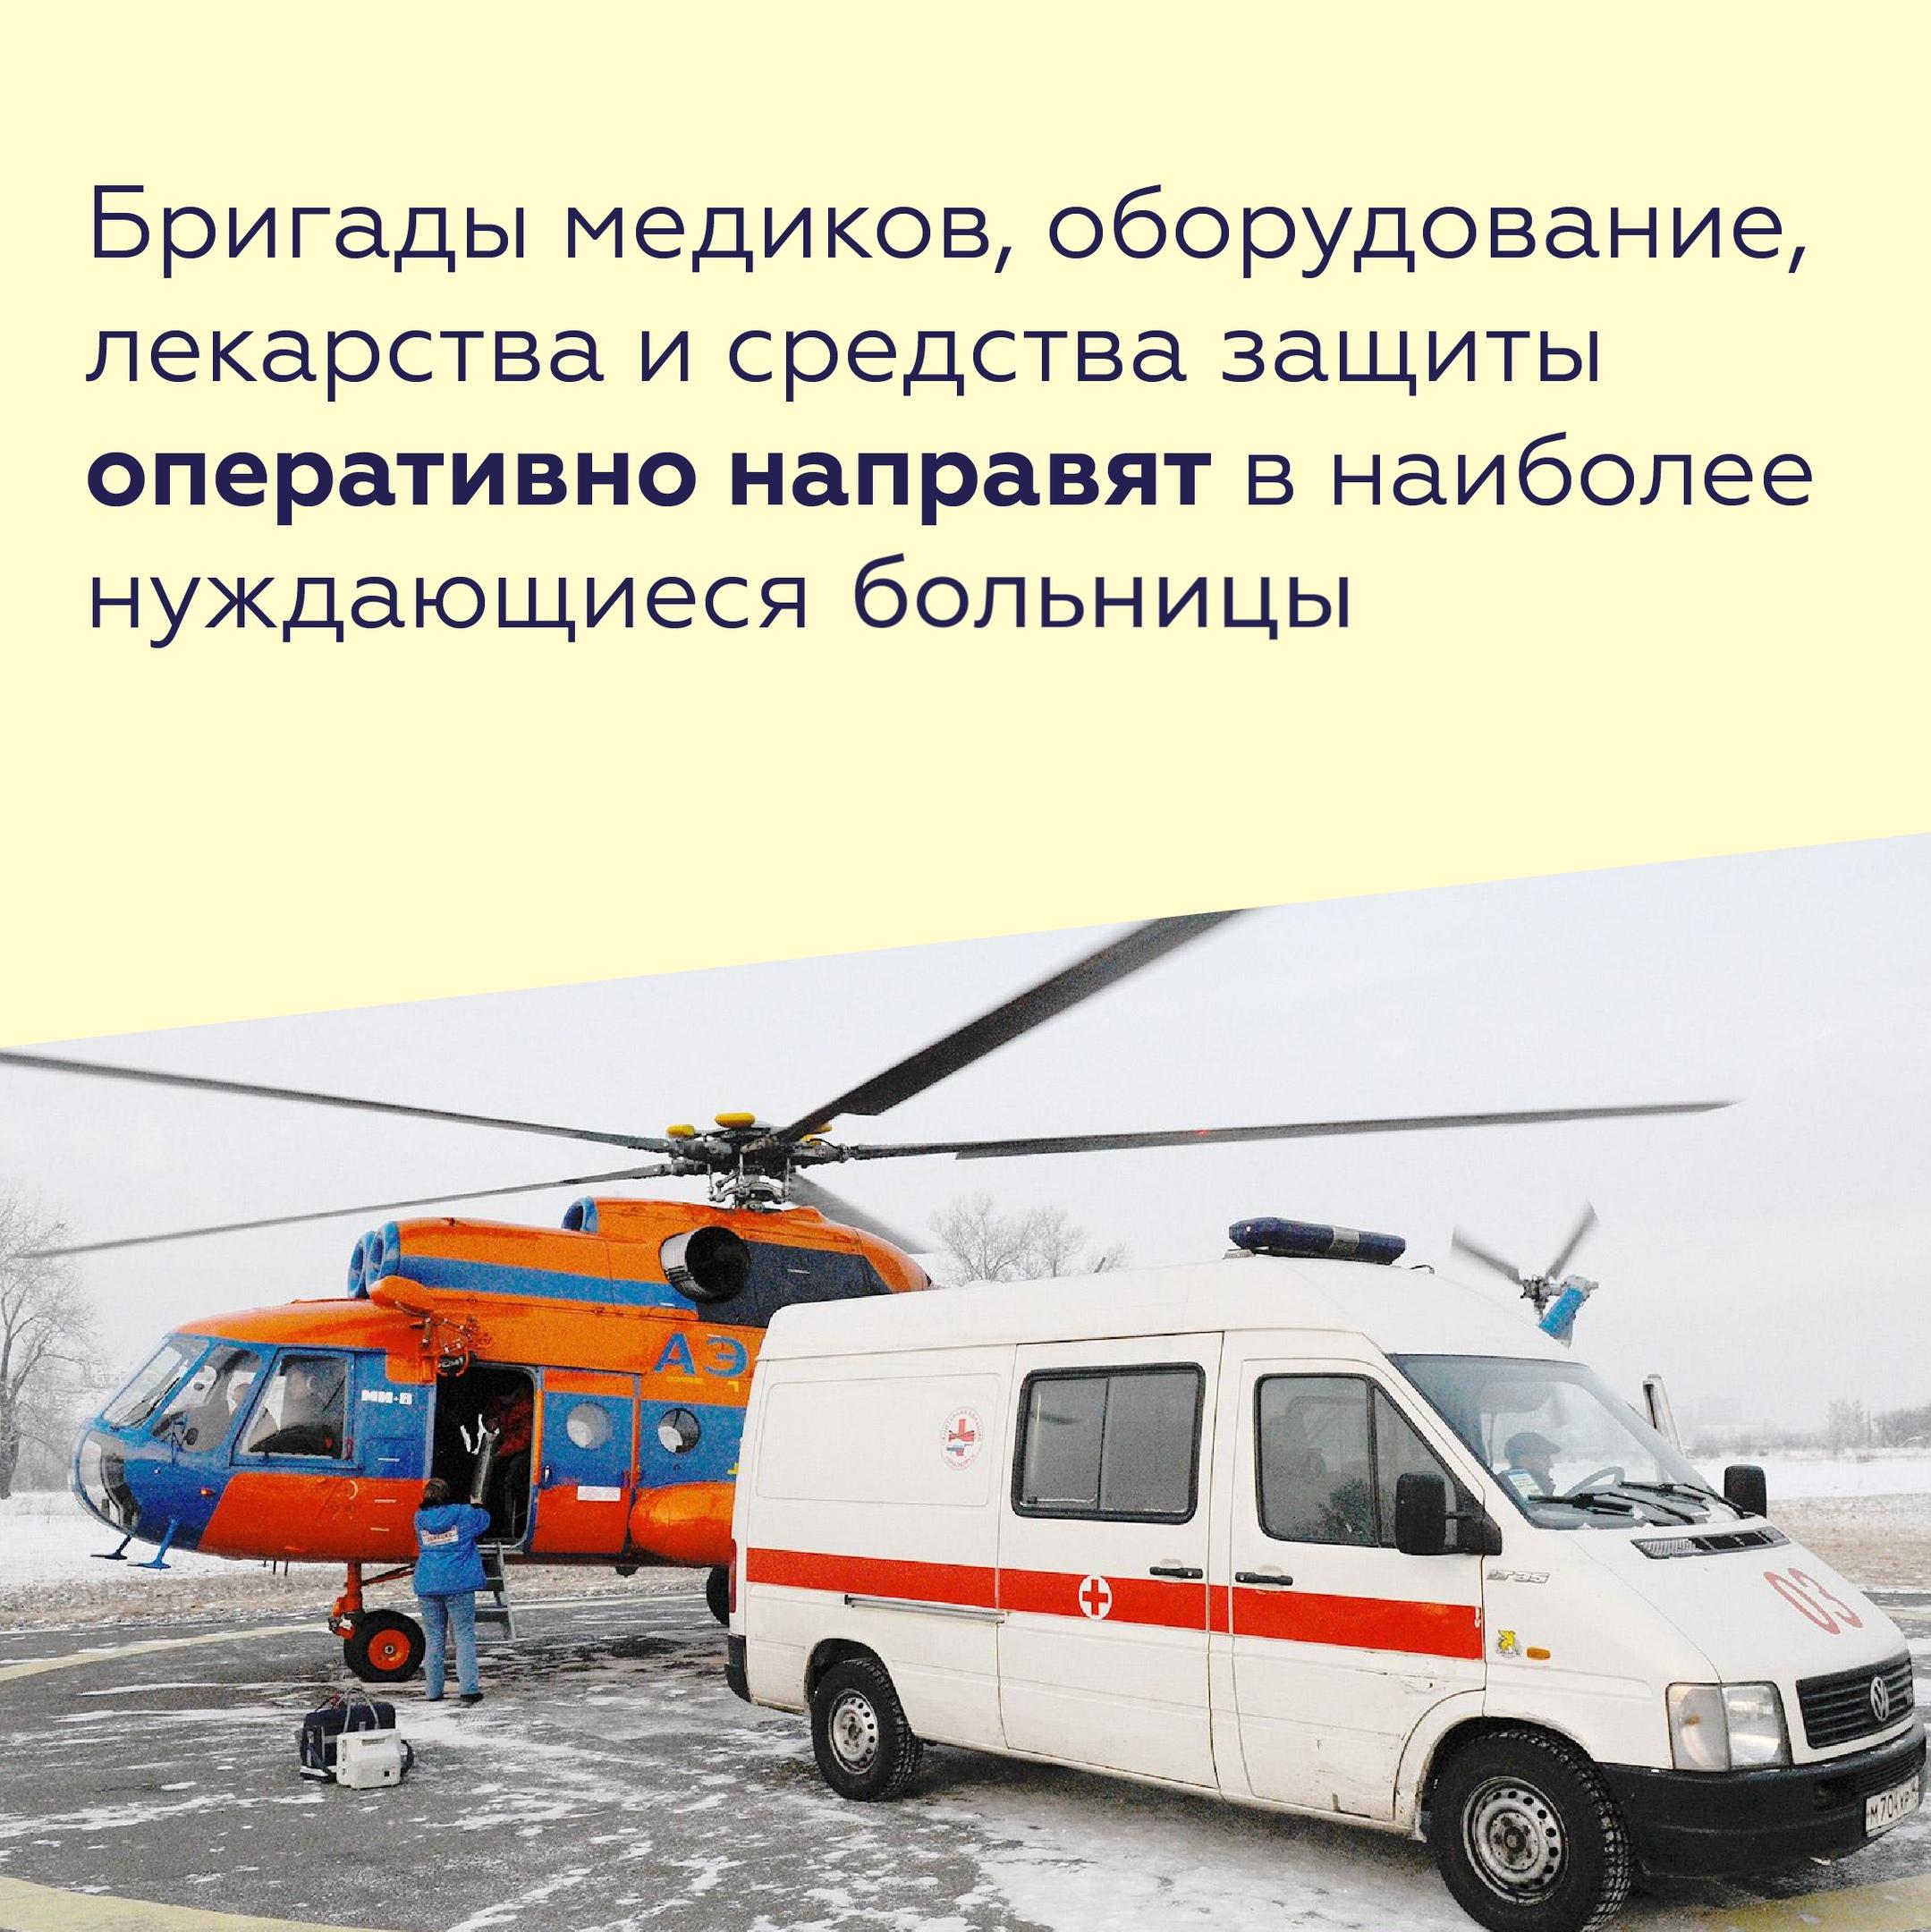 Пик распространения коронавируса в России еще не пройден.